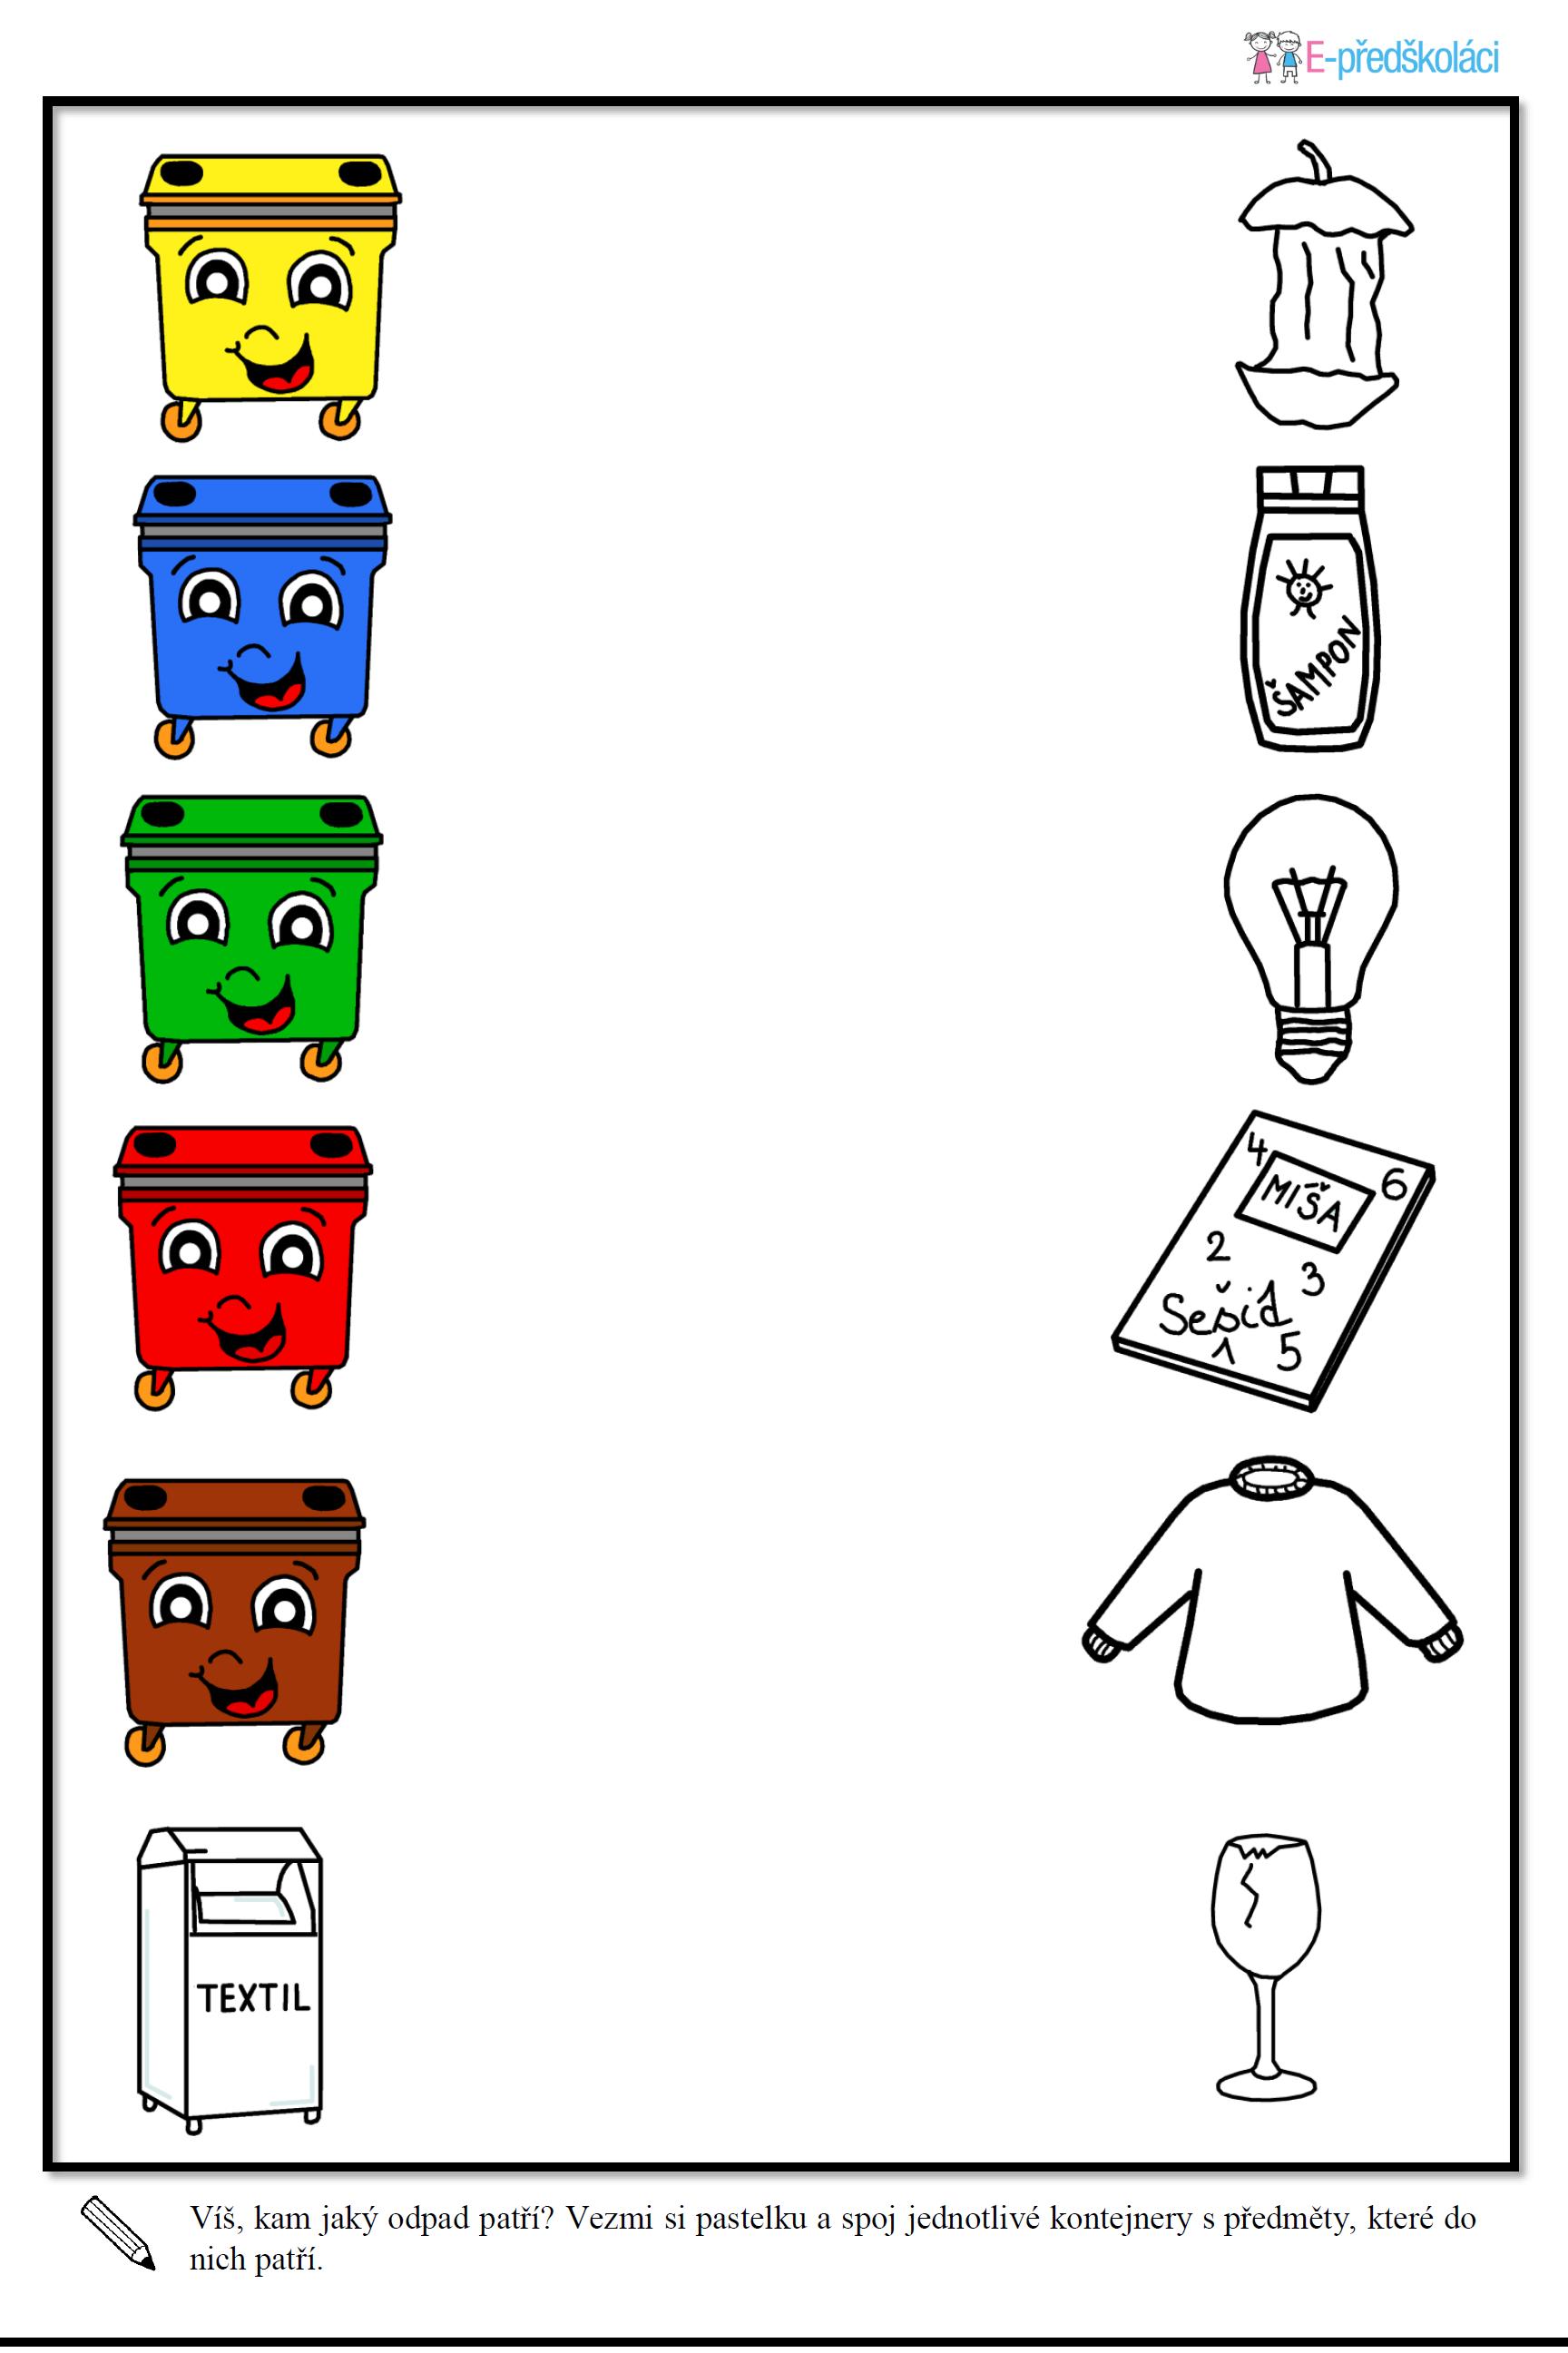 Jak Ferdik A Pepik Ucili Deti Tridit Odpad Jaro Pinterest